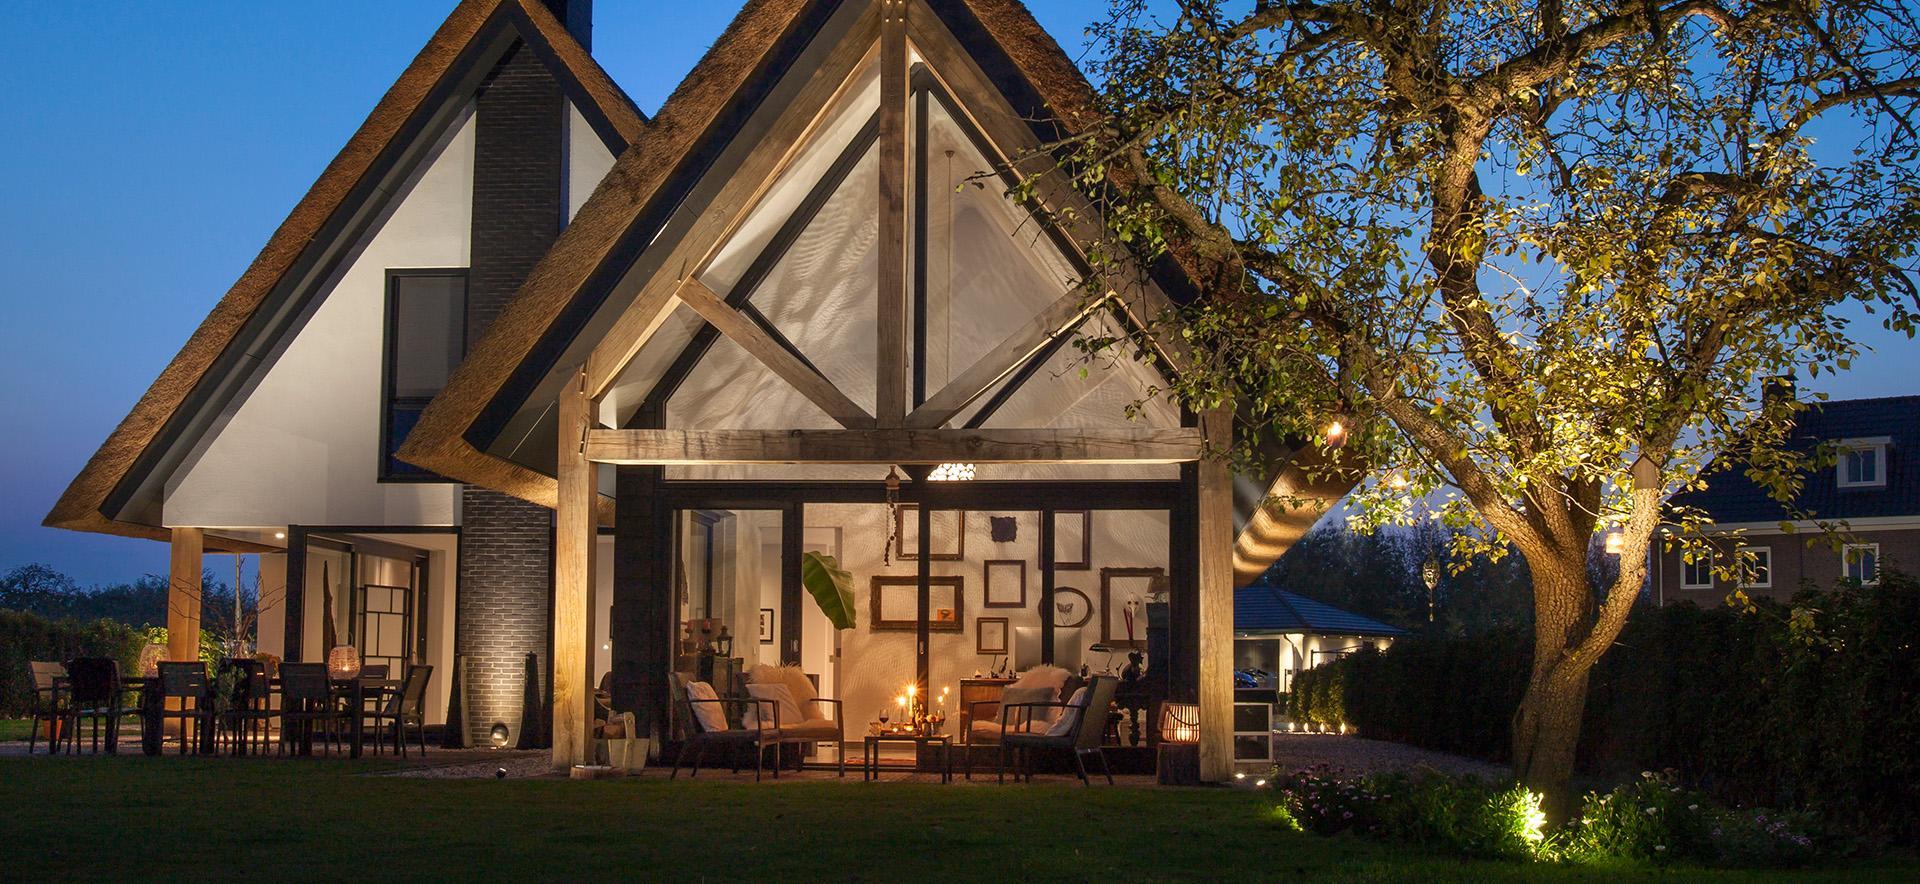 In-lite buitenverlichting met gevel verlichting voor huizen en overkappingen - Piek hoveniers